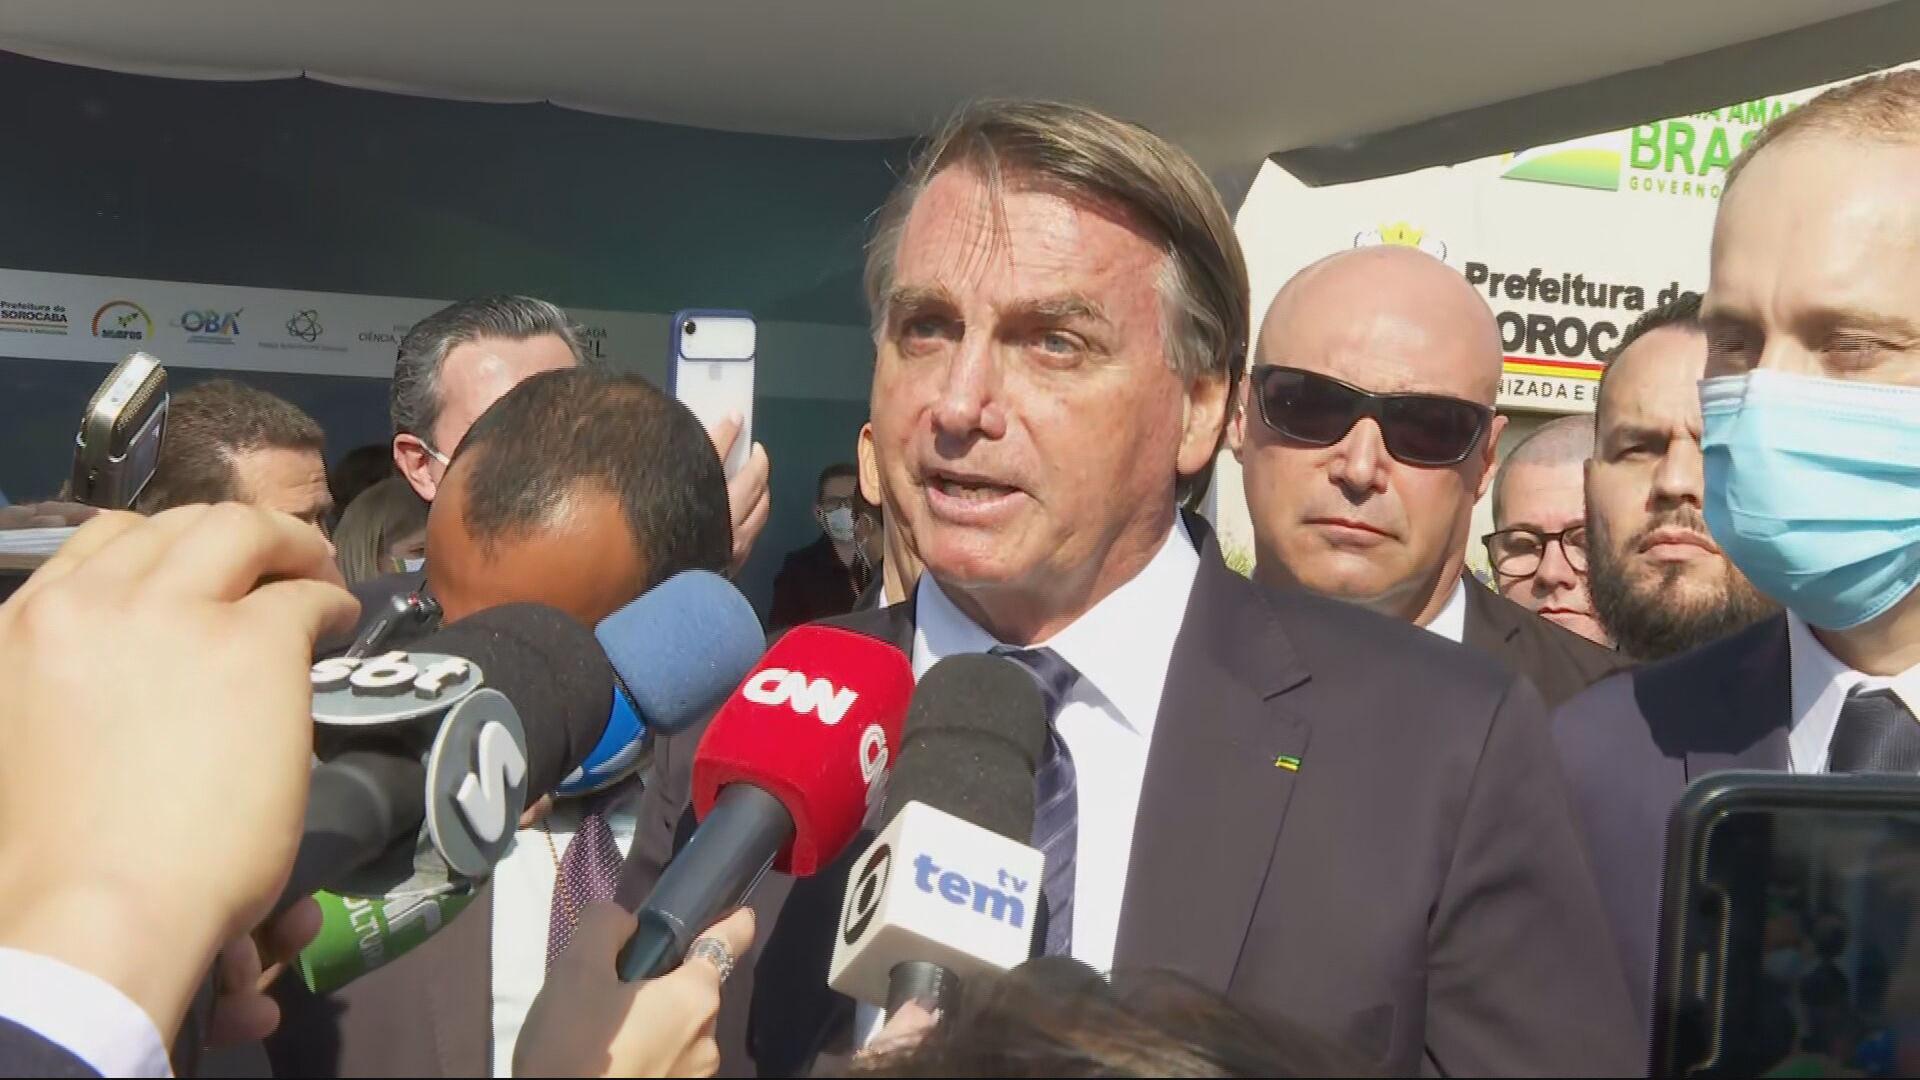 Presidente Jair Bolsonaro (sem partido) fala com jornalistas em Sorocaba (SP)